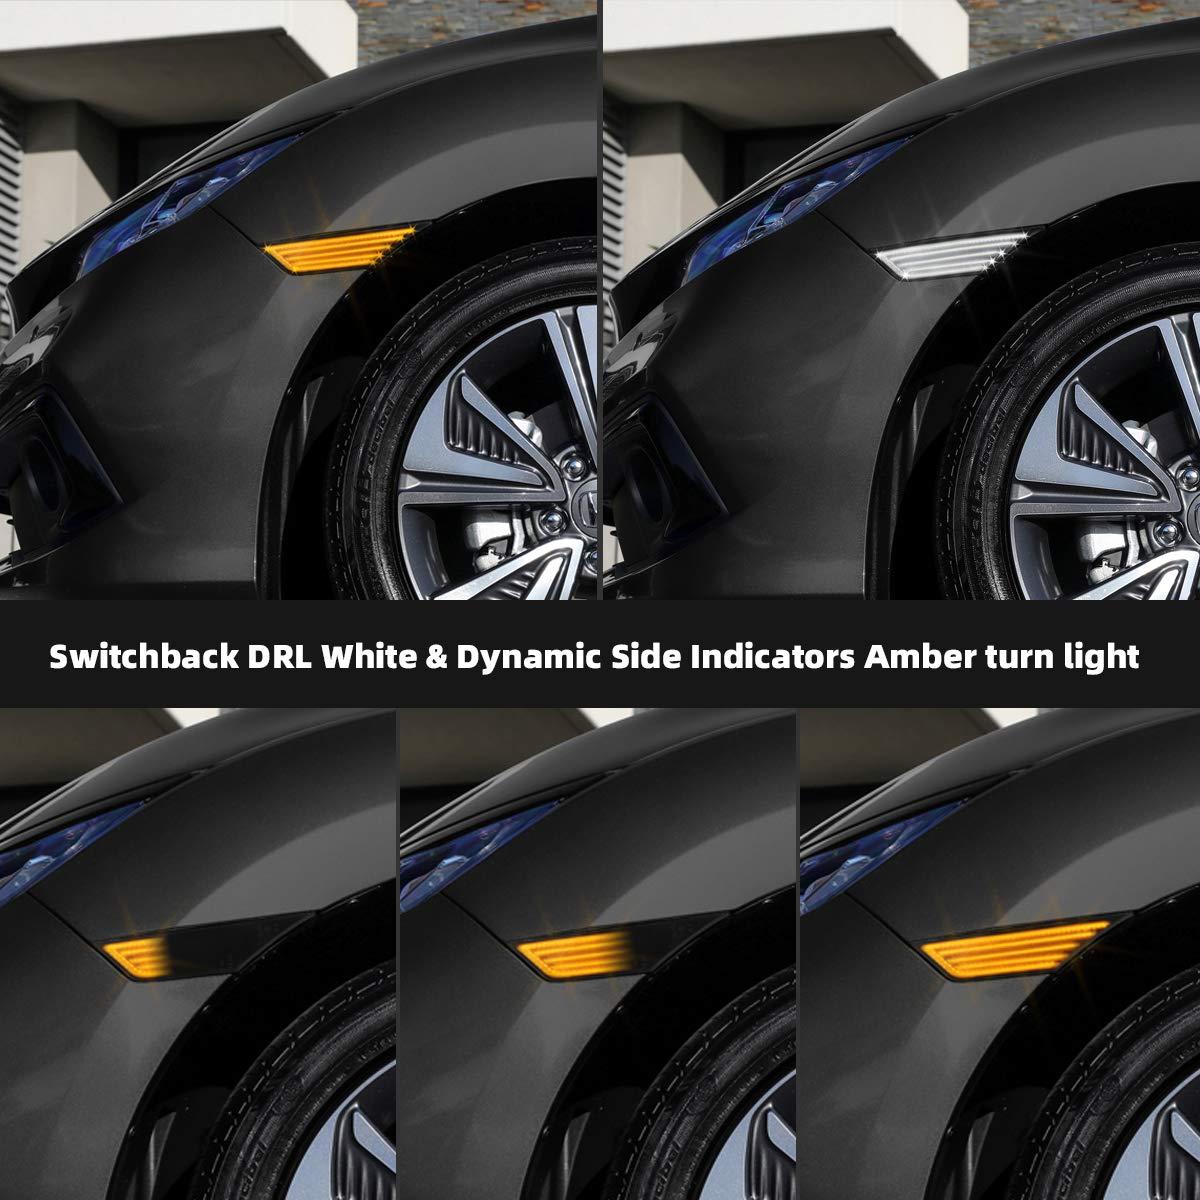 OZ-LAMPE Switchback DRL Indicadores laterales blancos y din/ámicos Luz intermitente /ámbar Luz de marcador lateral que fluye 138# 4014 SMD LED Humo Compatible con Hond-a 10th Generation Civic 2016-2019